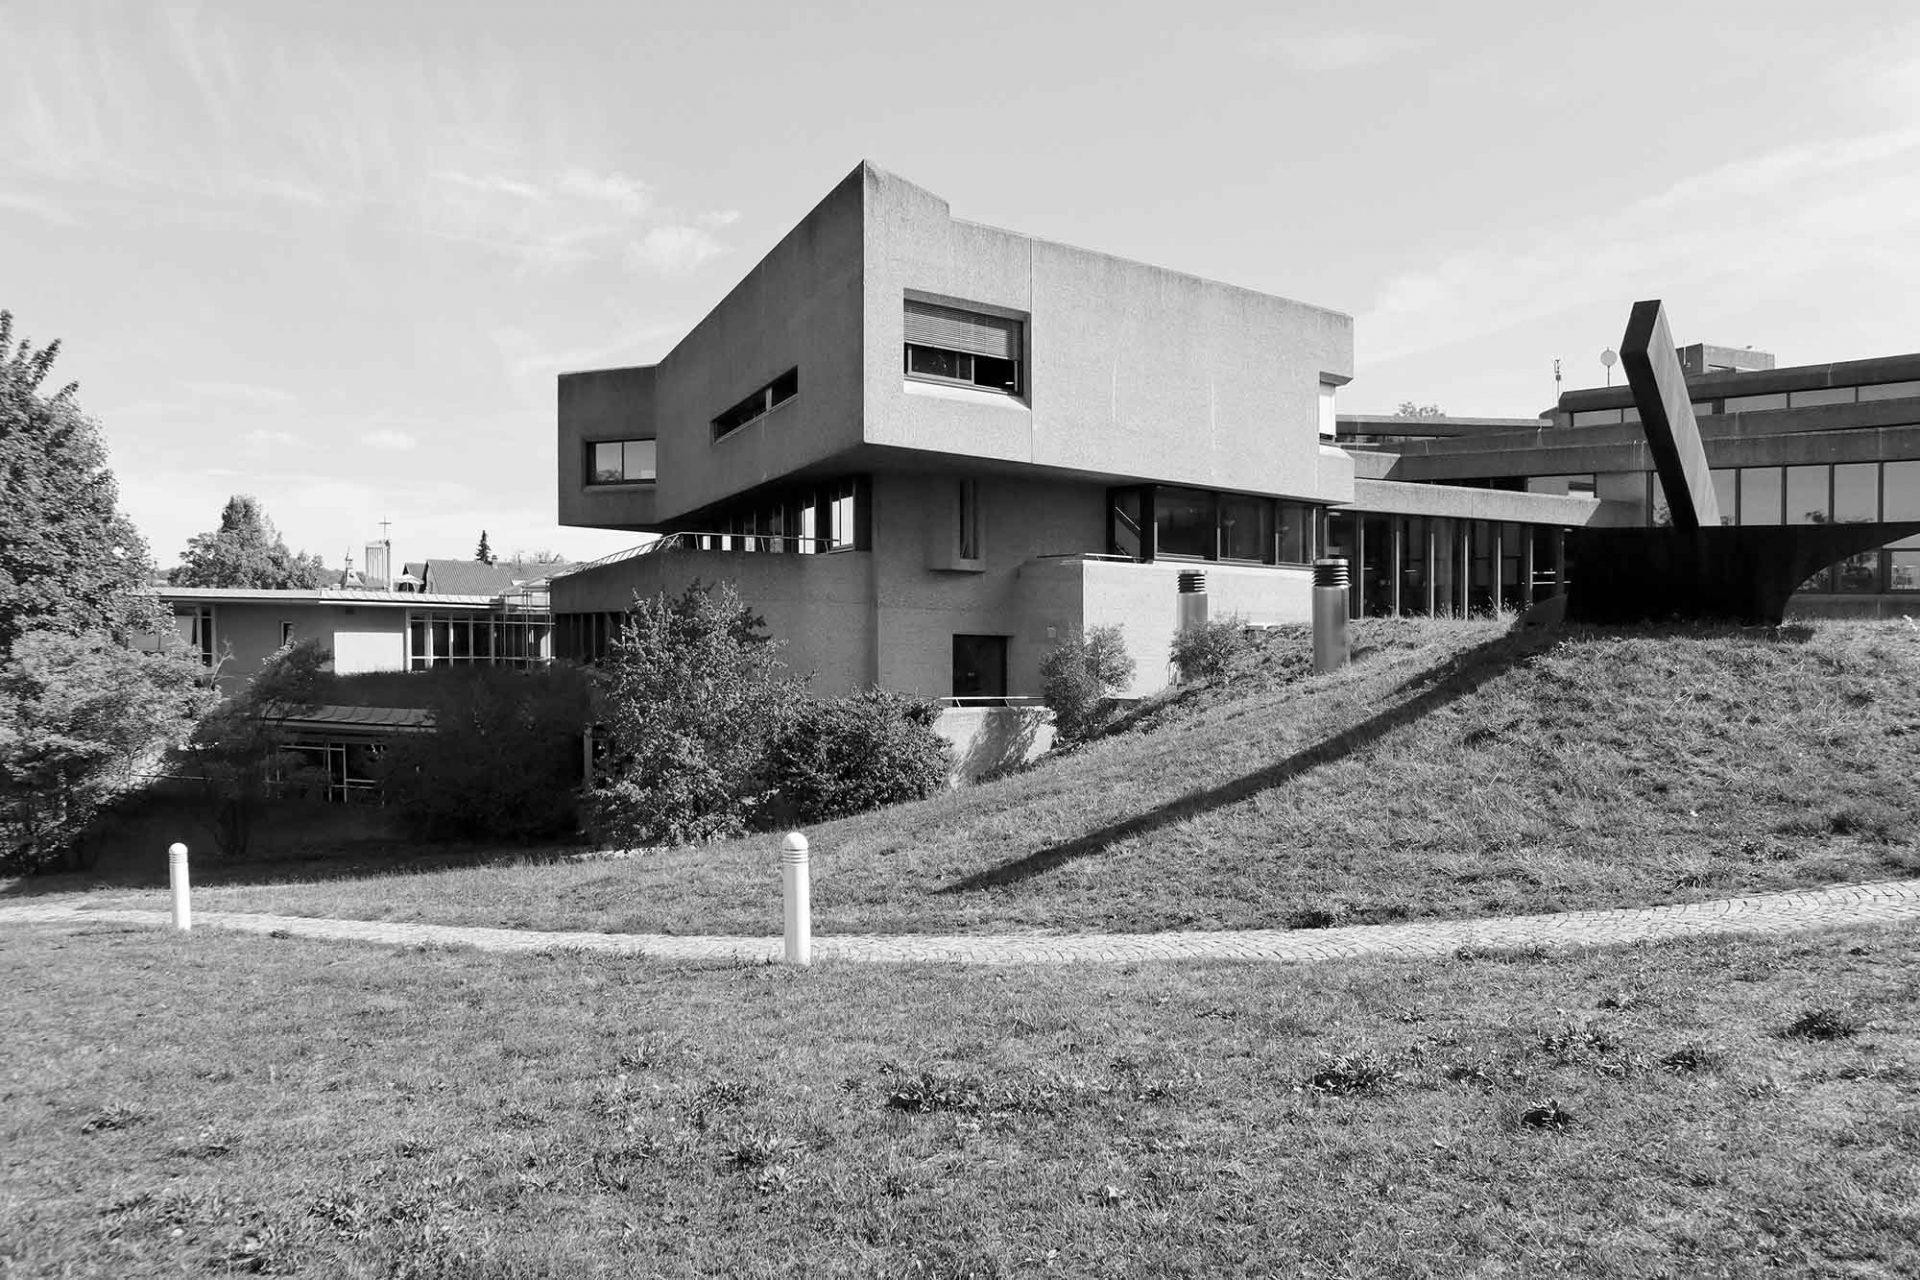 Deutsches Literaturarchiv. Haus am Hang